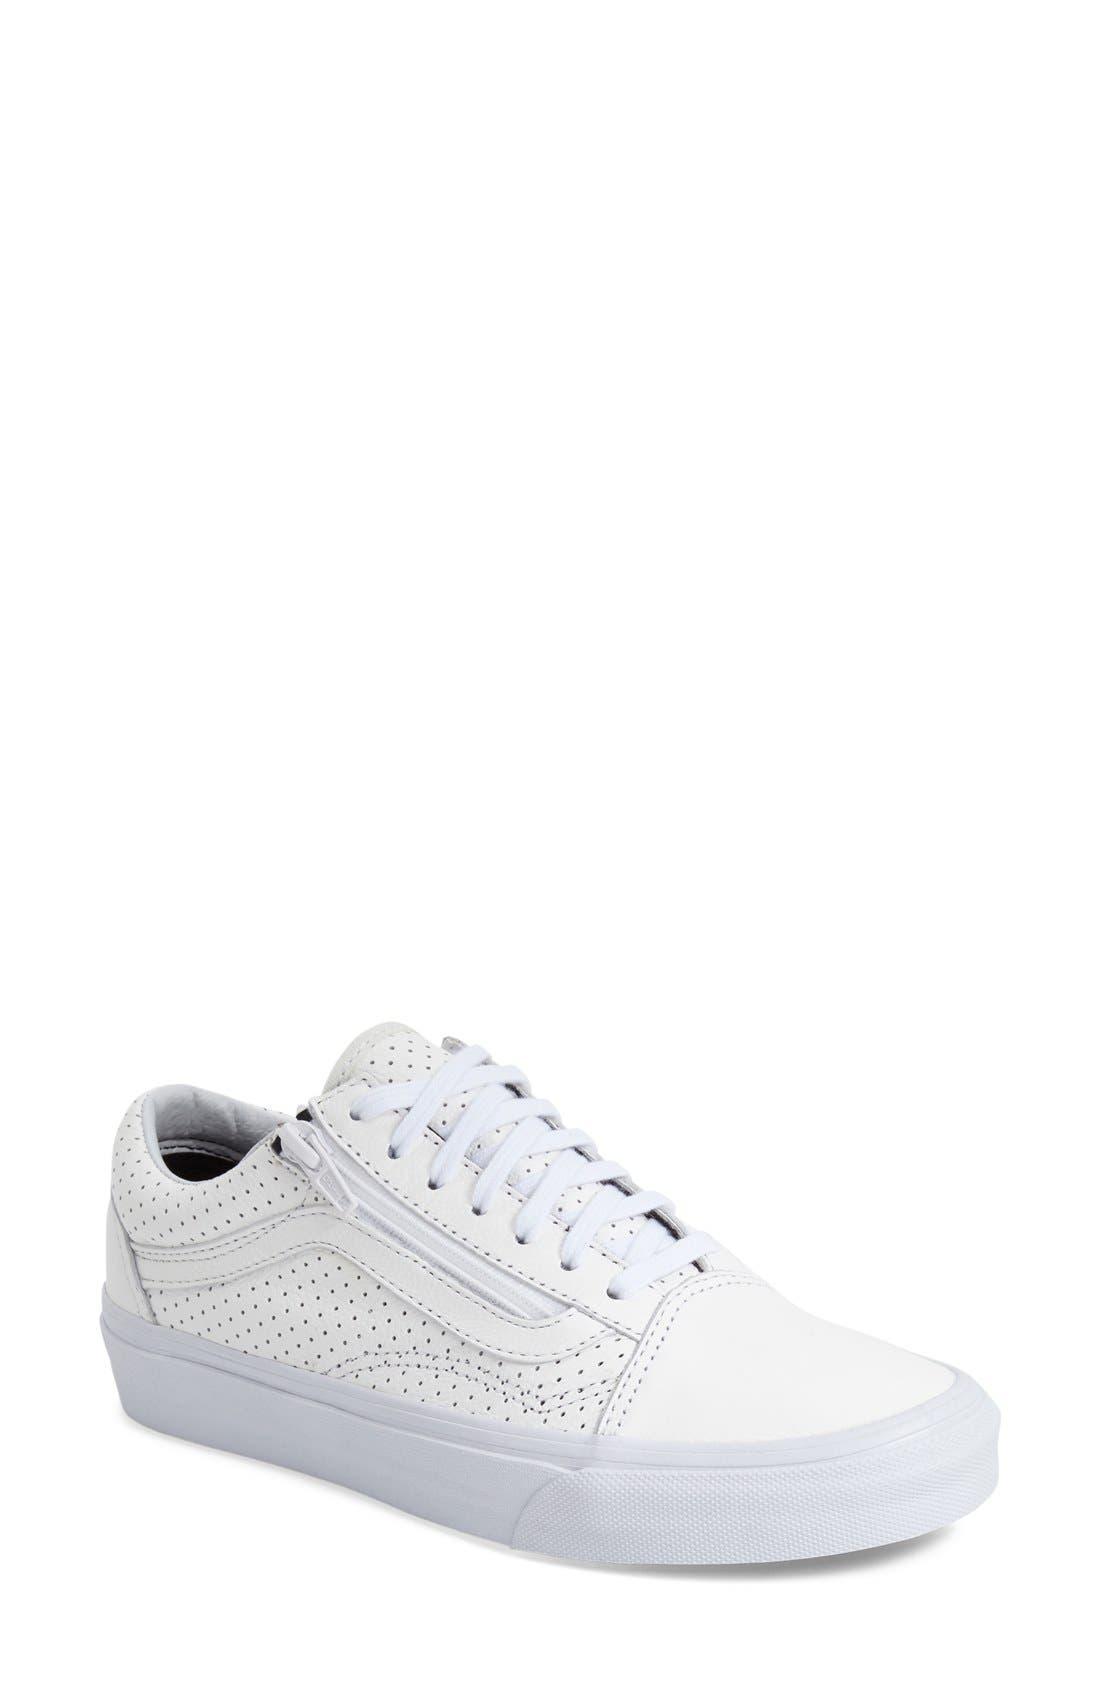 Alternate Image 1 Selected - Vans 'Old Skool' Zip Sneaker (Women)